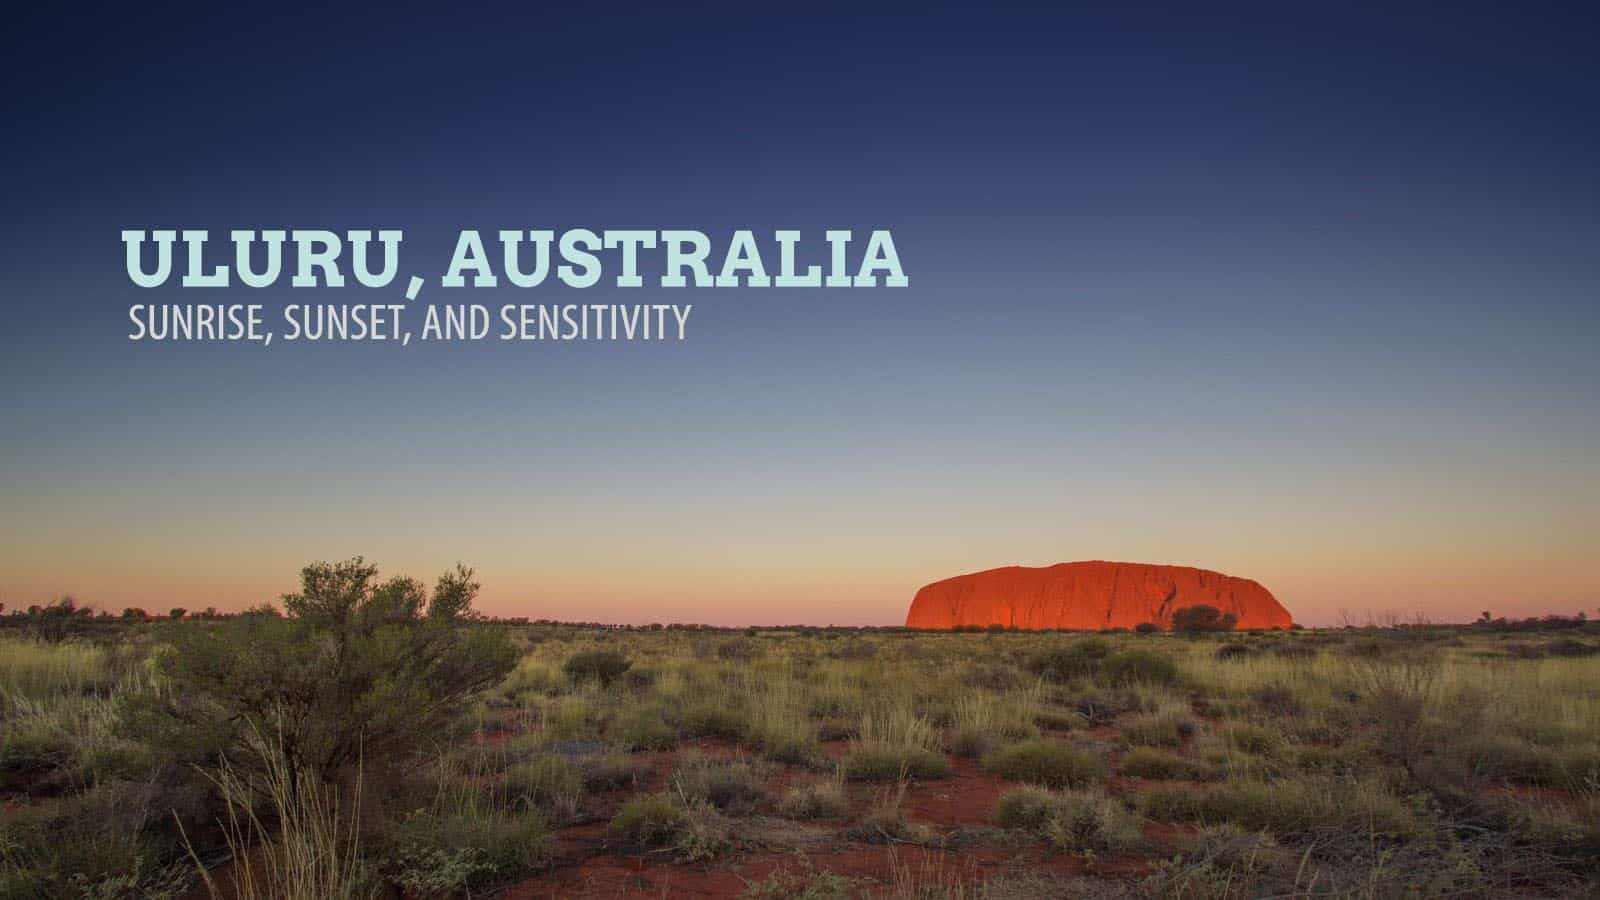 乌鲁鲁,澳大利亚。日落、日出和敏感度   穷游者的行程博客